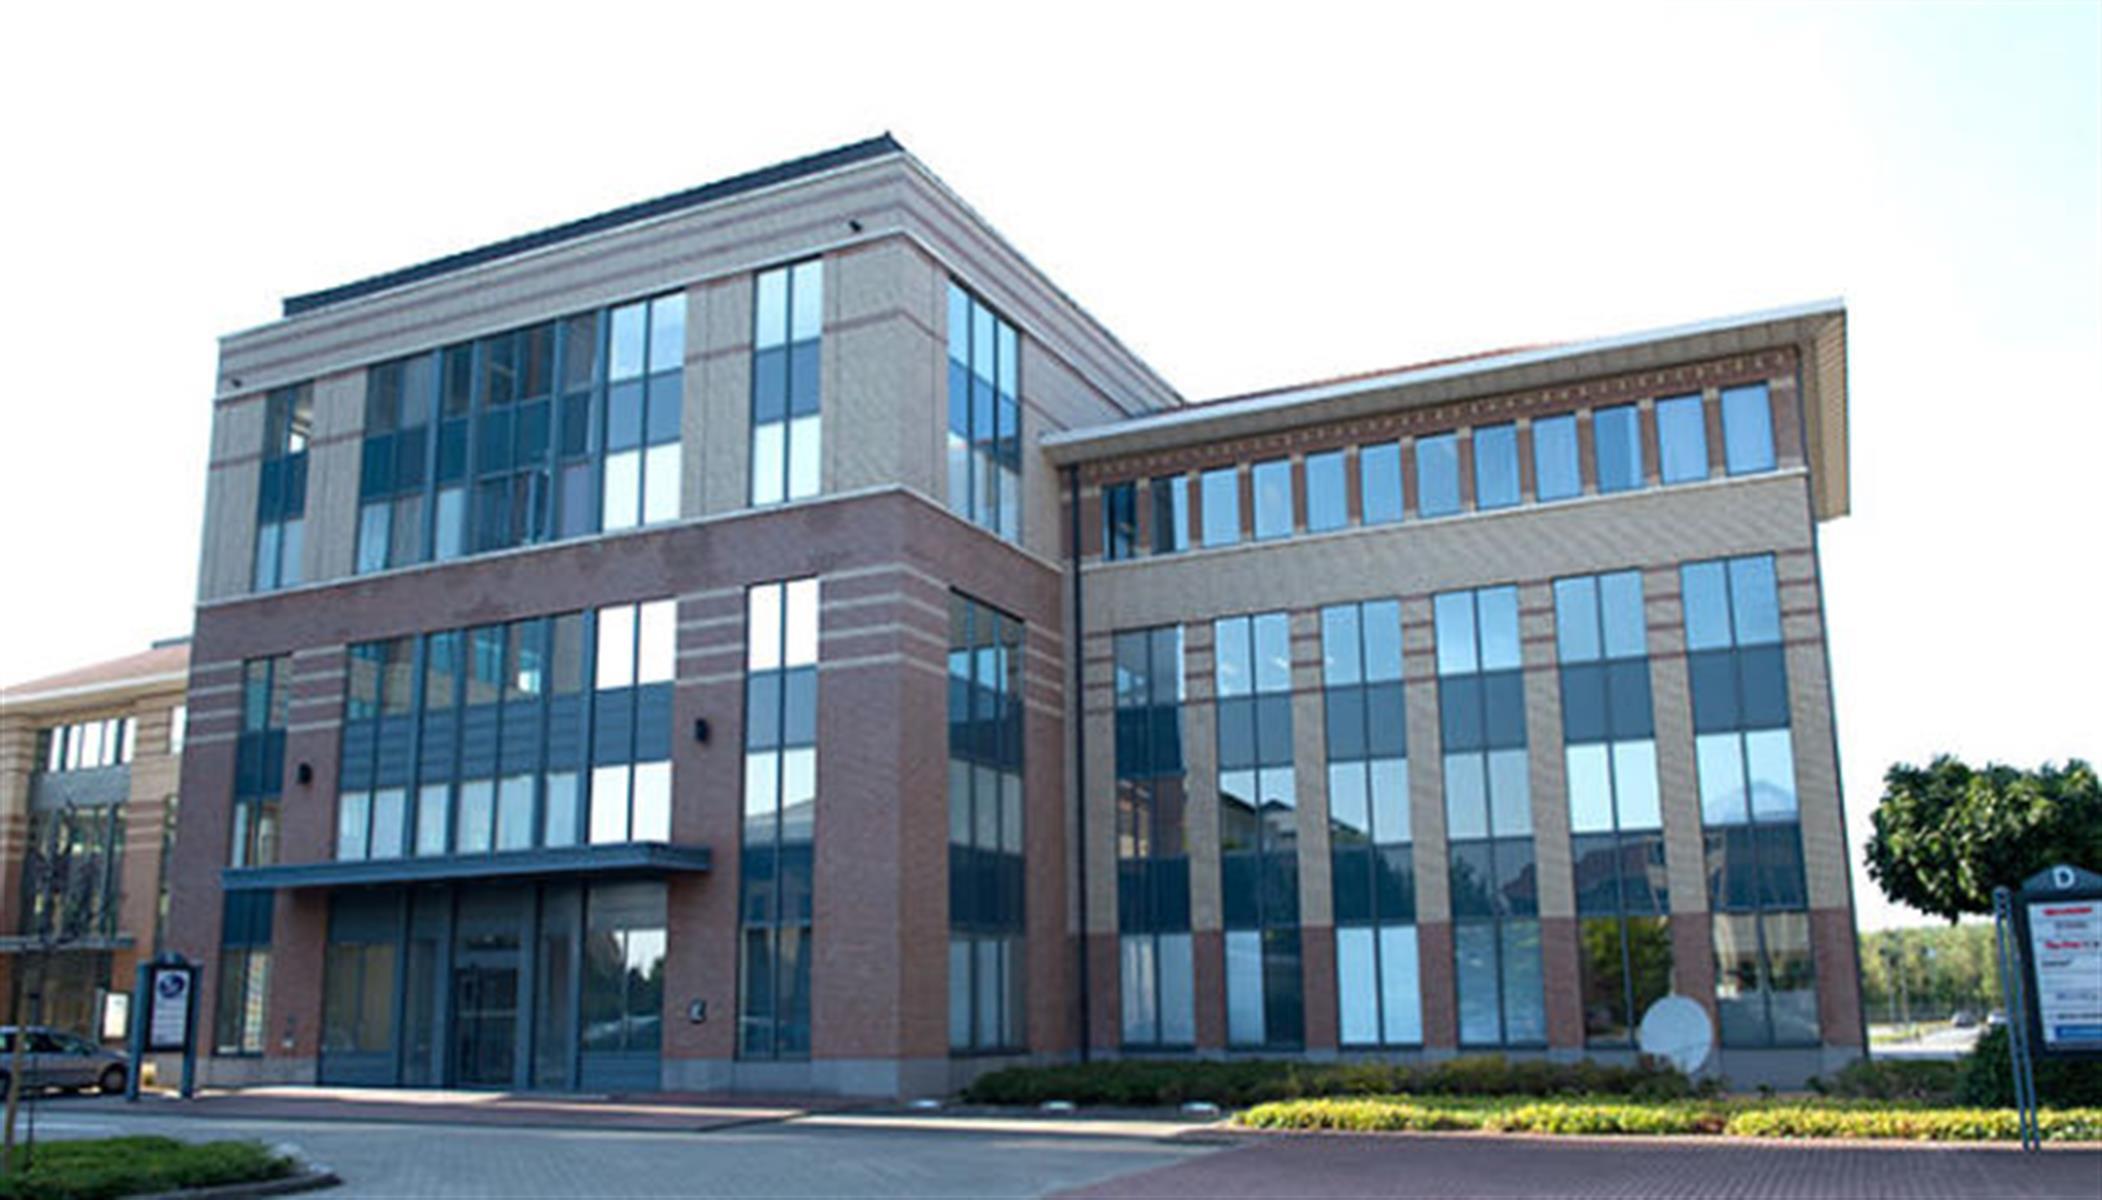 kantoor te huur I129 - Kantoor - Schalienhoevedreef 20 E, 2800 Mechelen, België 2